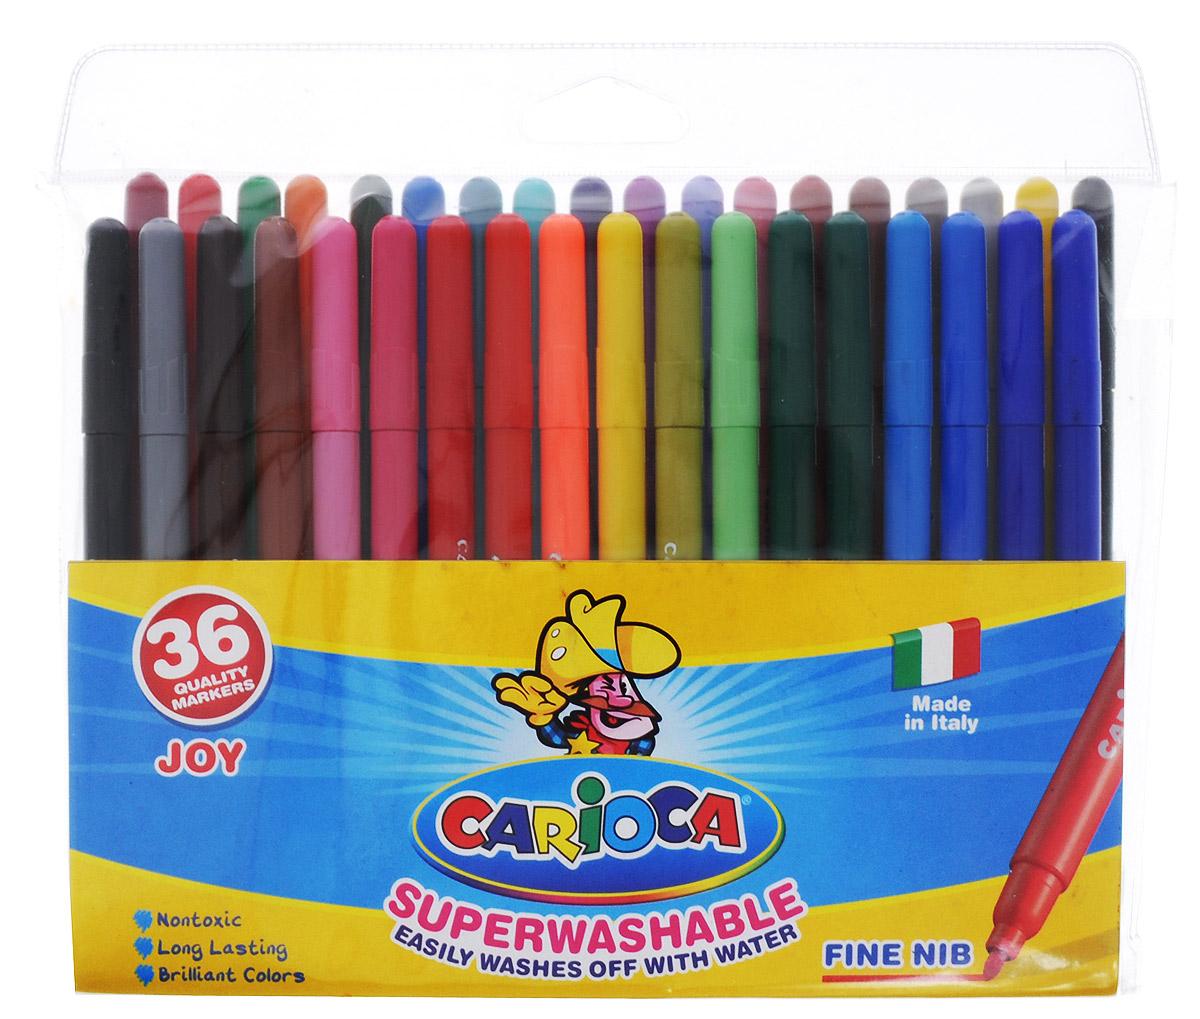 """Набор Carioca """"Superwashable"""" состоит из 36 разноцветных фломастеров, которые отлично подойдут и для школьных занятий и просто для рисования. Фломастеры рисуют яркими насыщенными цветами. Чернила на водной основе легко смываются с кожи и отстирываются с большинства тканей. Корпус фломастеров изготовлен из пластика, а колпачок имеет специальные отверстия, что обеспечивает вентилирование и еще больше увеличивает срок службы чернил и предотвращает их преждевременное высыхание."""